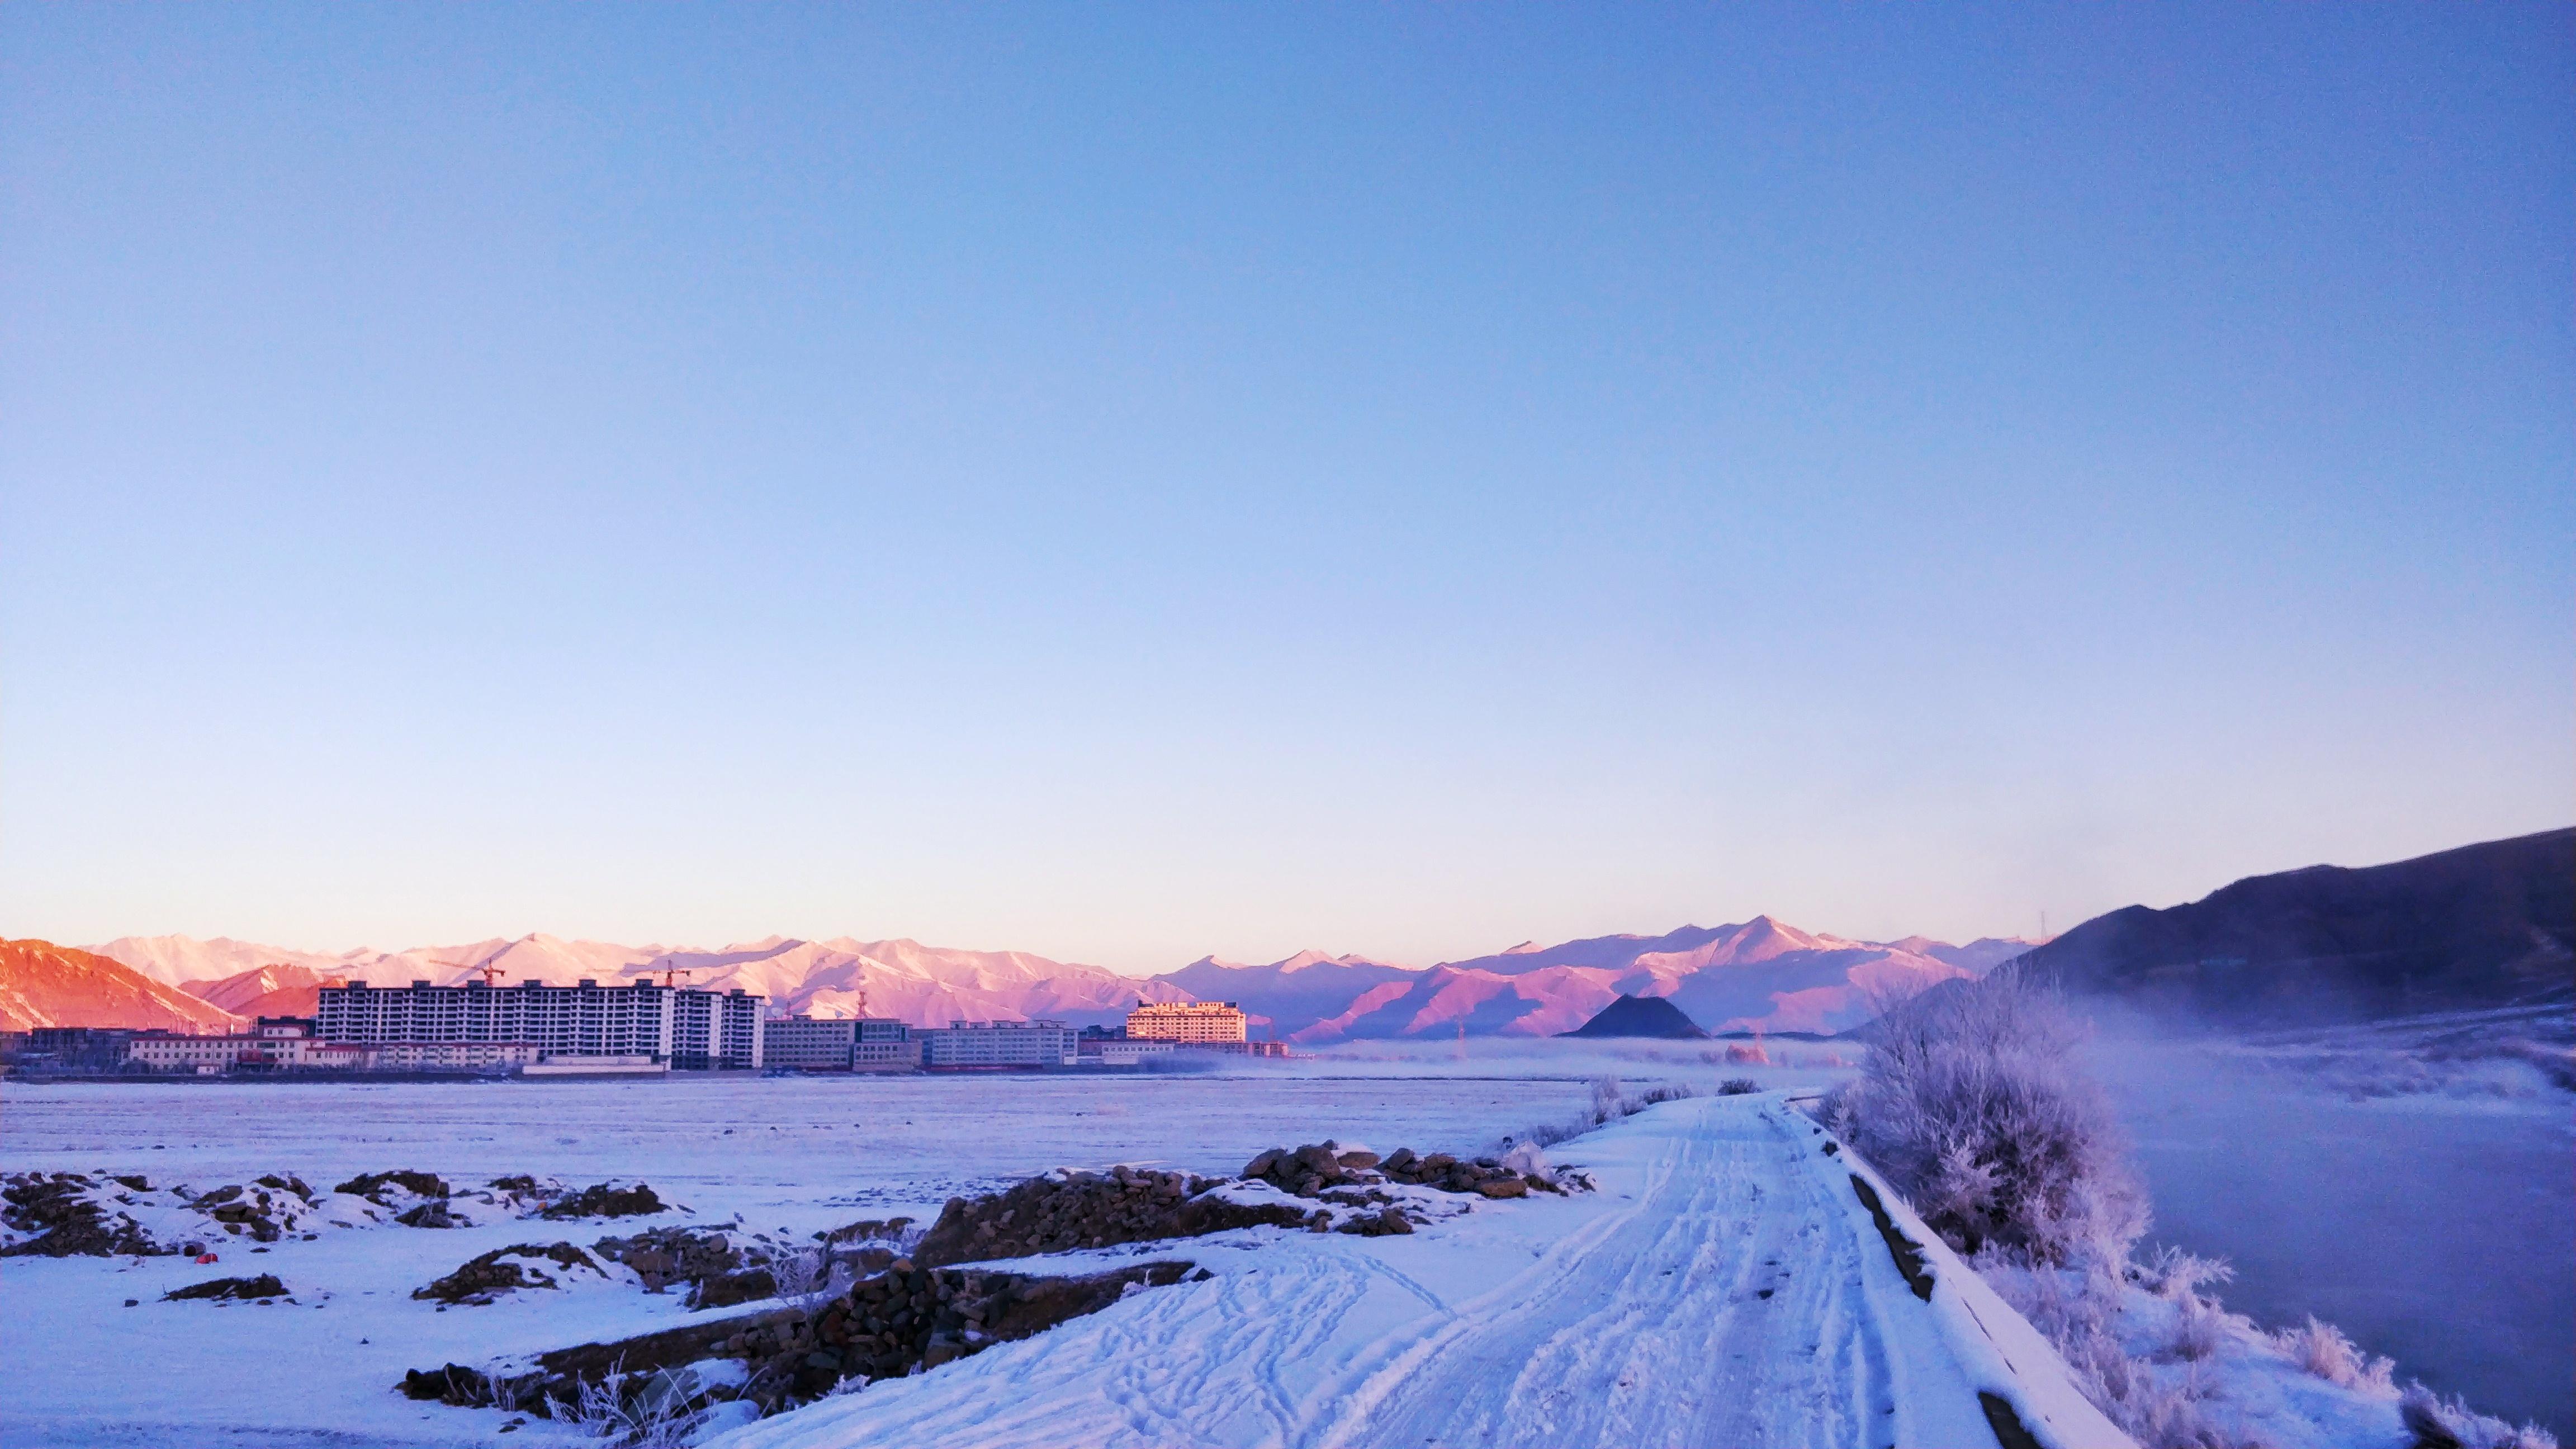 雪景39.jpg